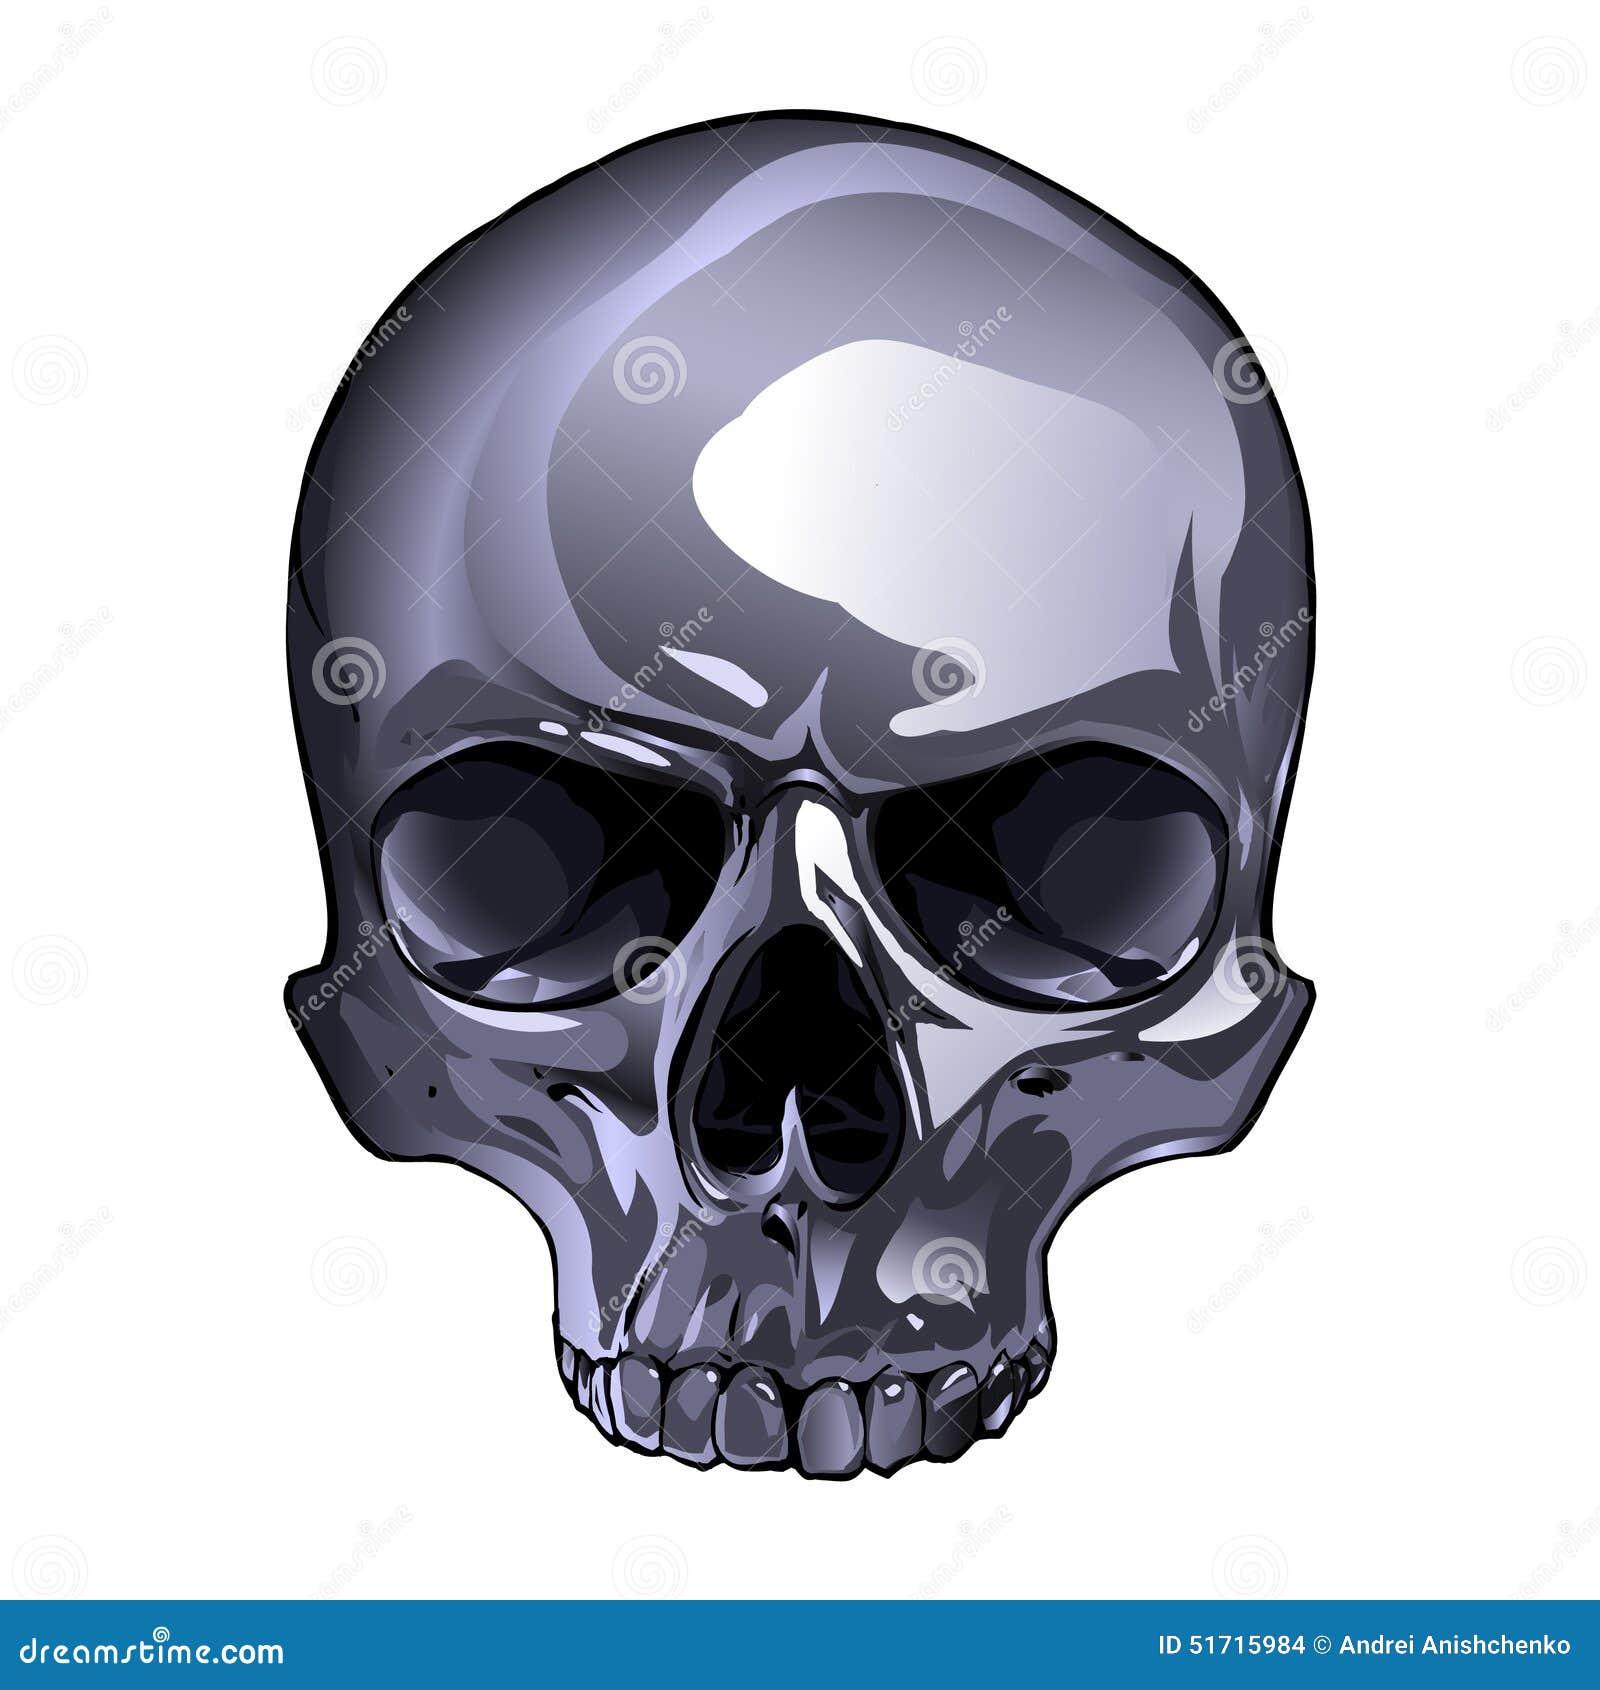 Skulls, Skull Mirror, Crystal Skulls, and Skull Toilet Brush from ...